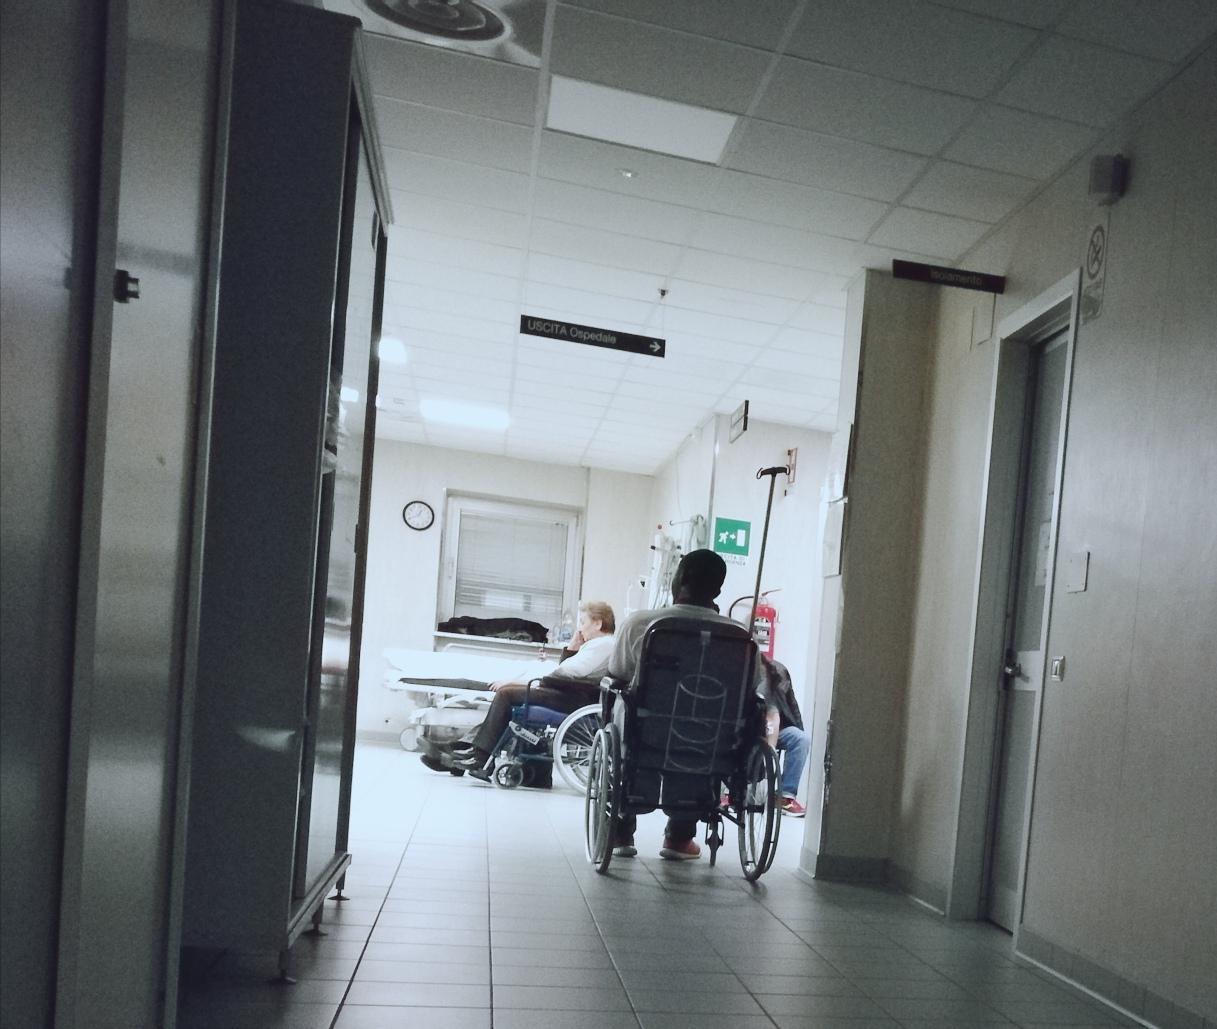 #Live2019_6 Incontro e cura : l'ambulatorio medico